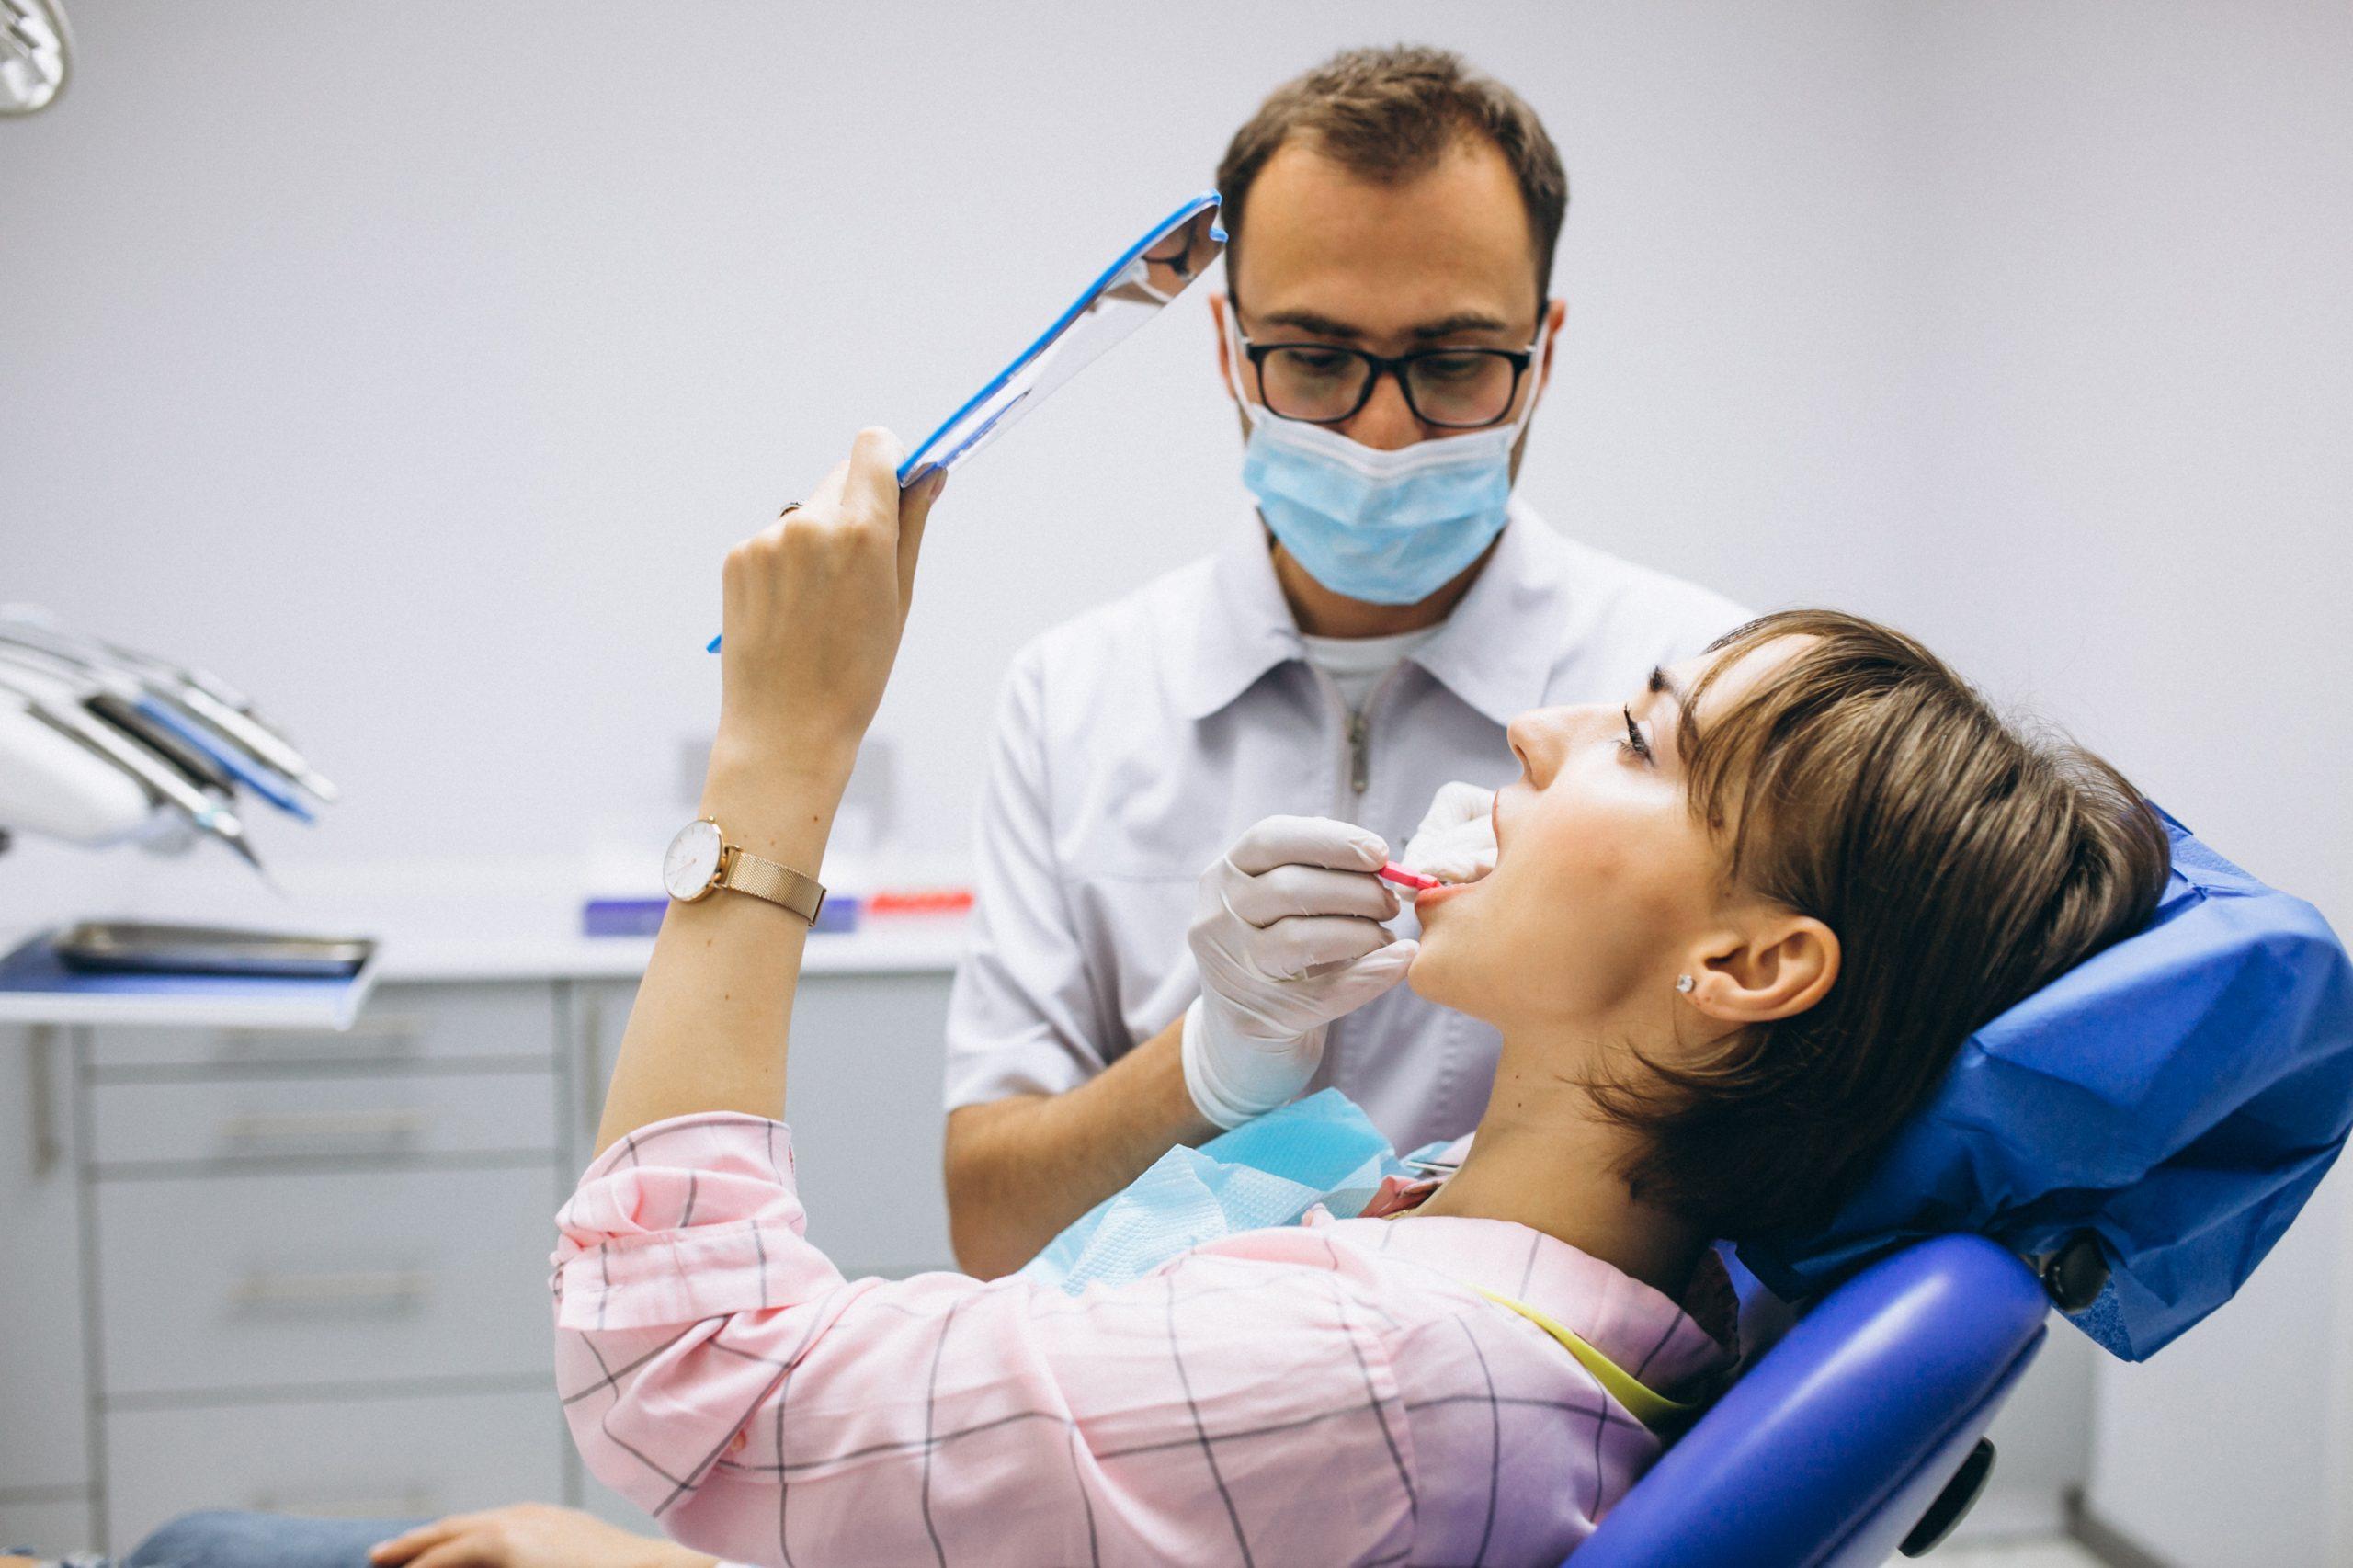 Dozunda florür diş minesini güçlendiriyor #2